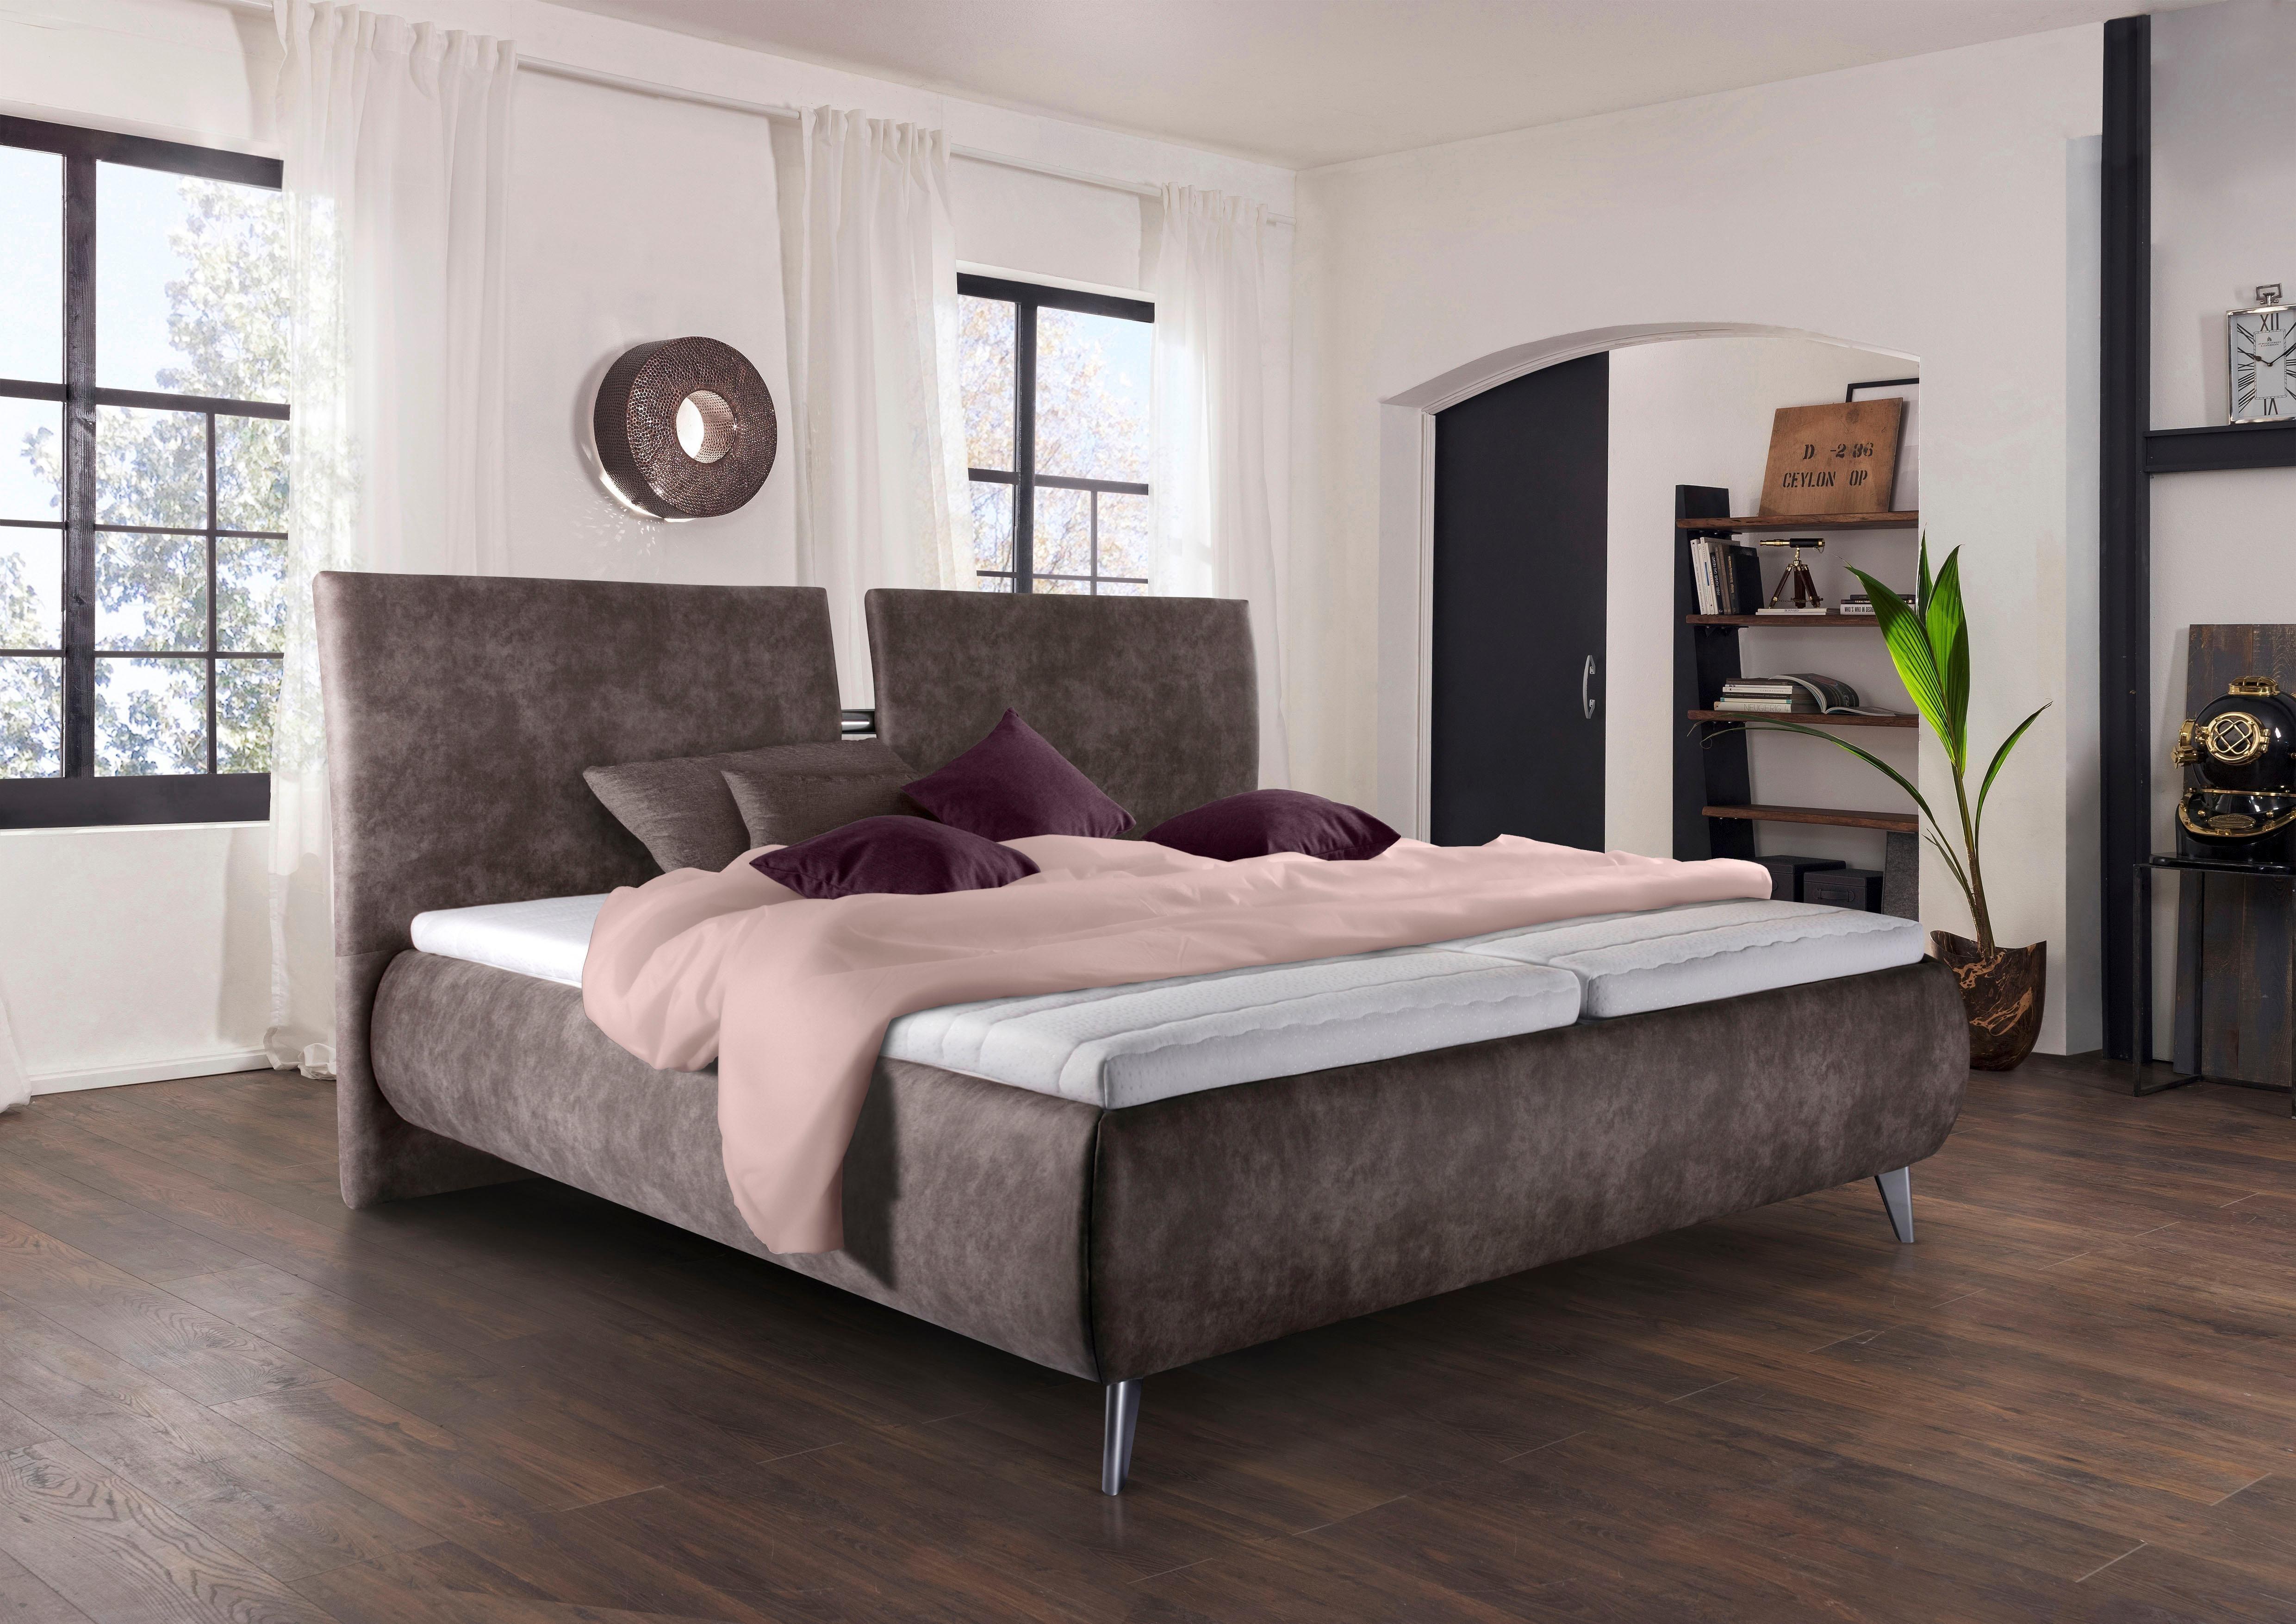 Gebrauchte Betten Kaufen Berlin Doppelbett Mit Schubladen Gunstig Doppelbett 140x200 Mit Matratze Bett 180x200 Weiss Gunsti Polsterbett Betten Kaufen Bett